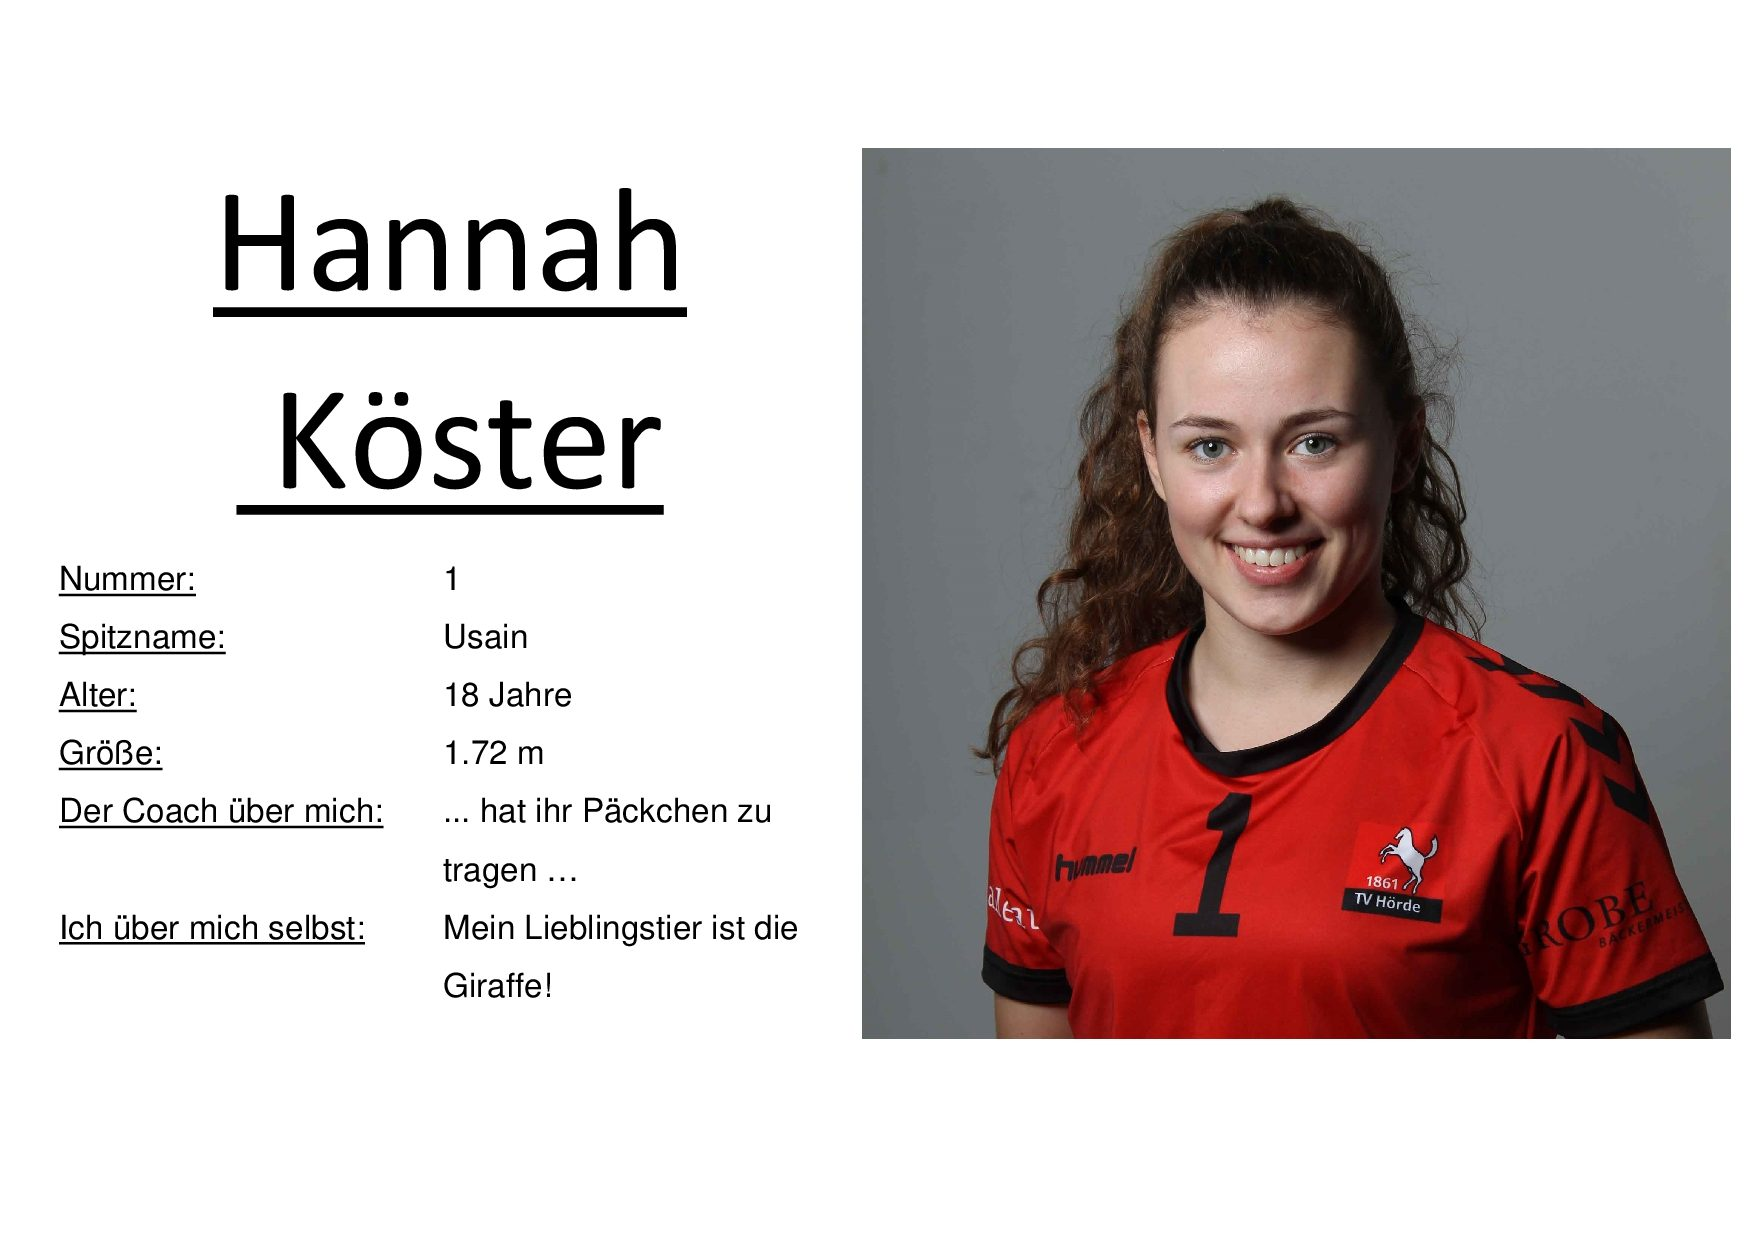 Hannah Köster